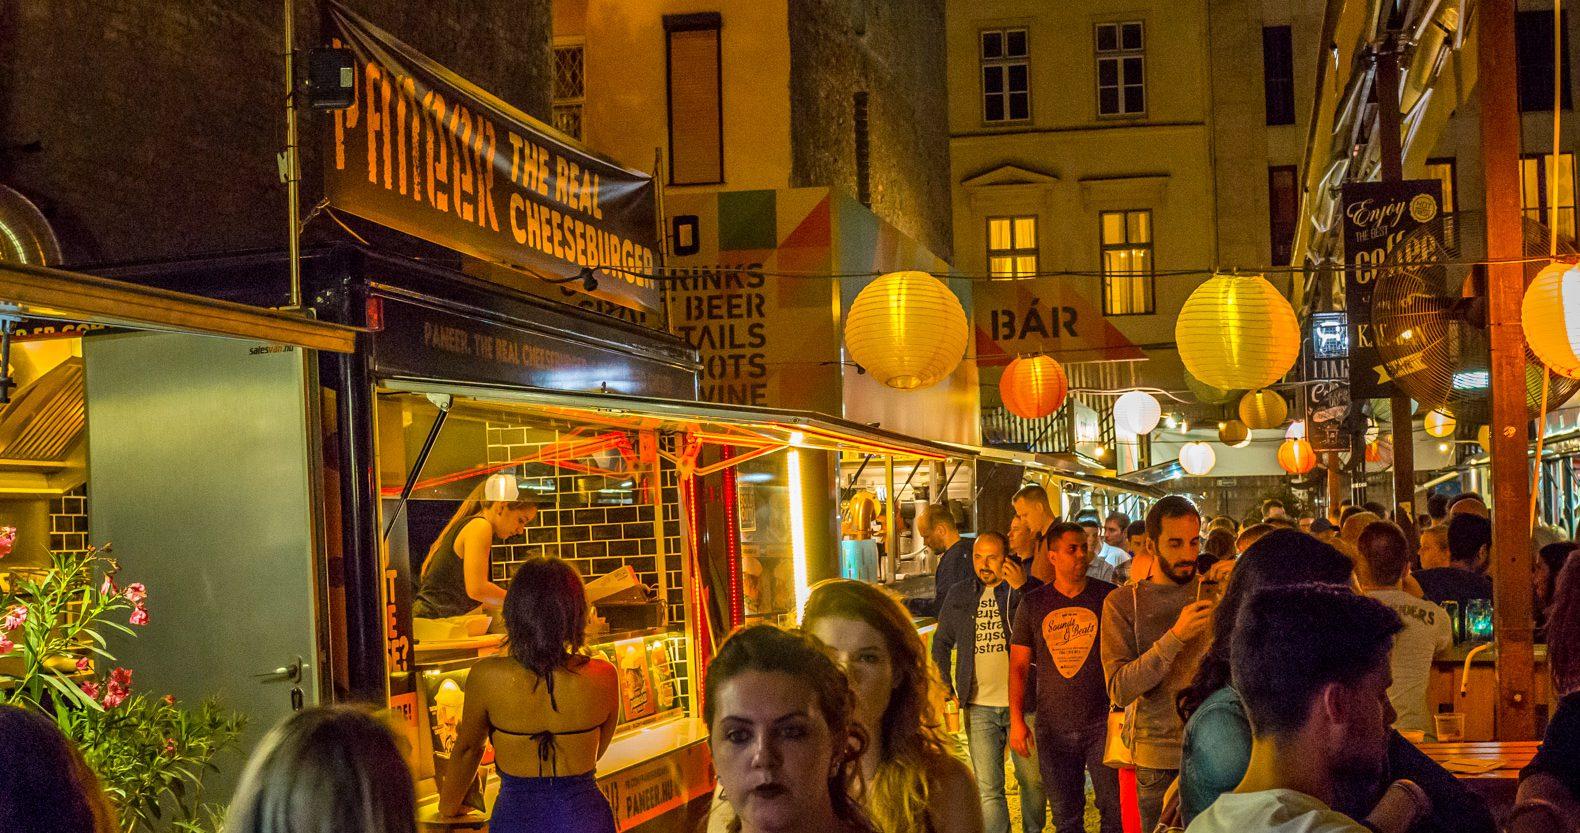 Ruin pubs in Budapest: Karavan Street Food & Beer Garden